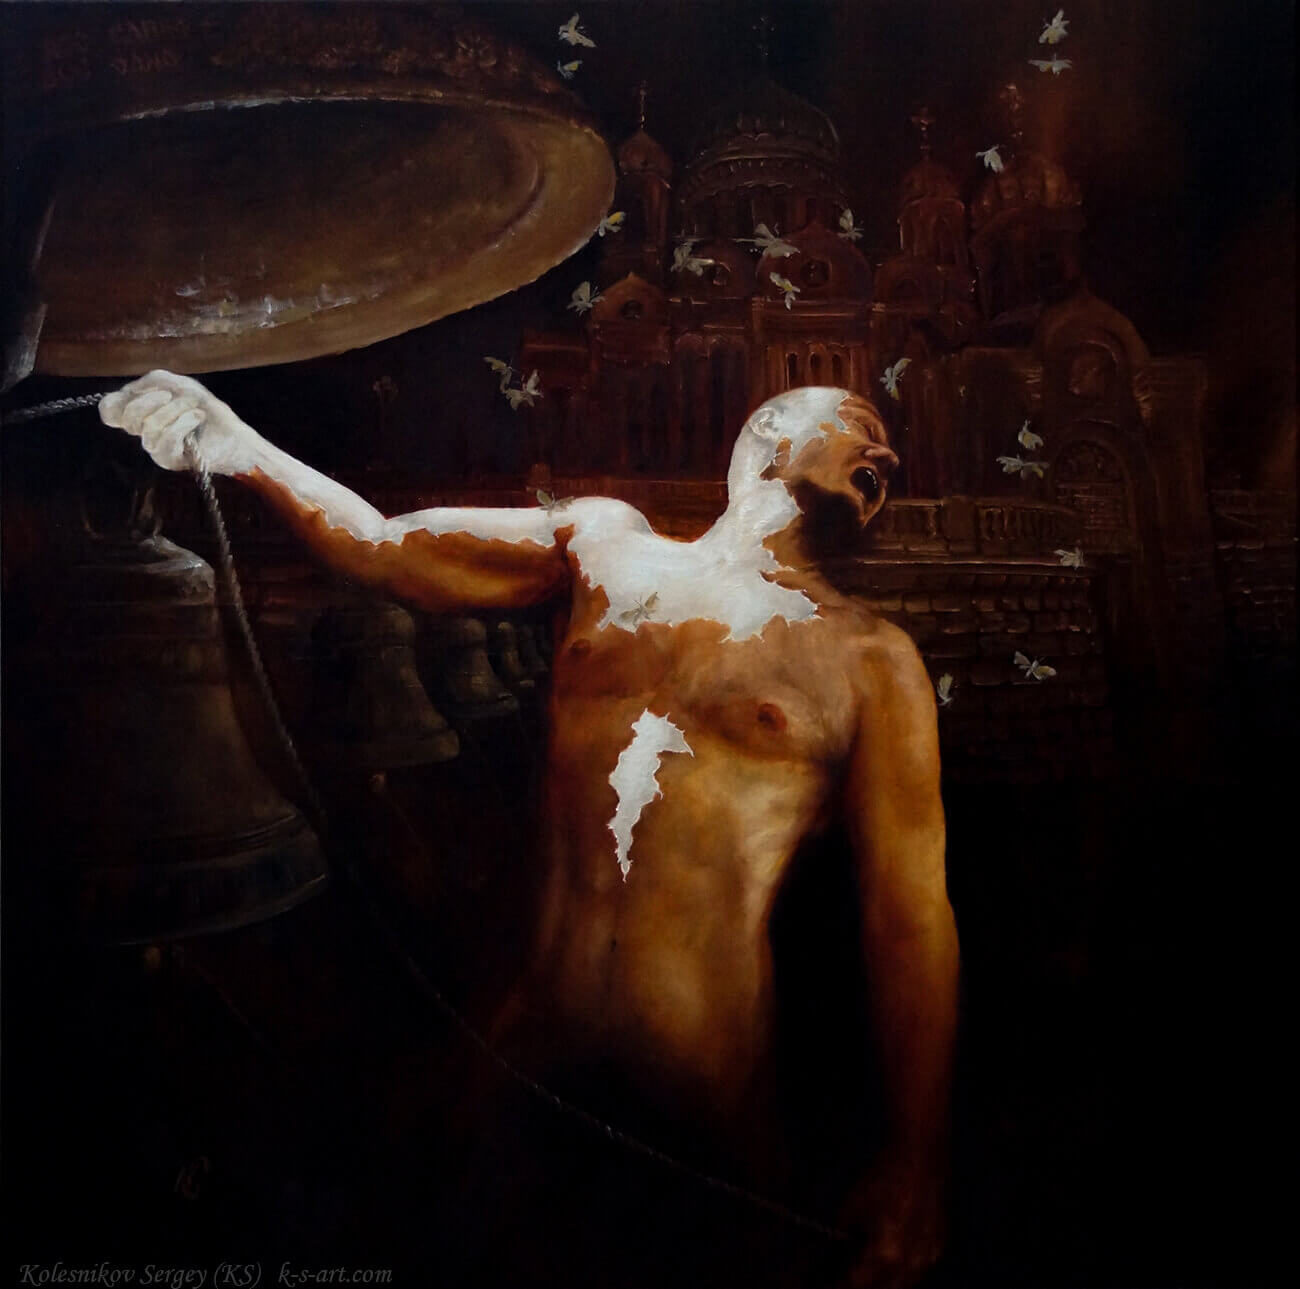 Из серии – ОЧИЩЕНИЕ (Православие) - картина, художник Сергей Колесников (KS), холст, масло, 2015 год. Живопись в стиле - интегральный реализм.